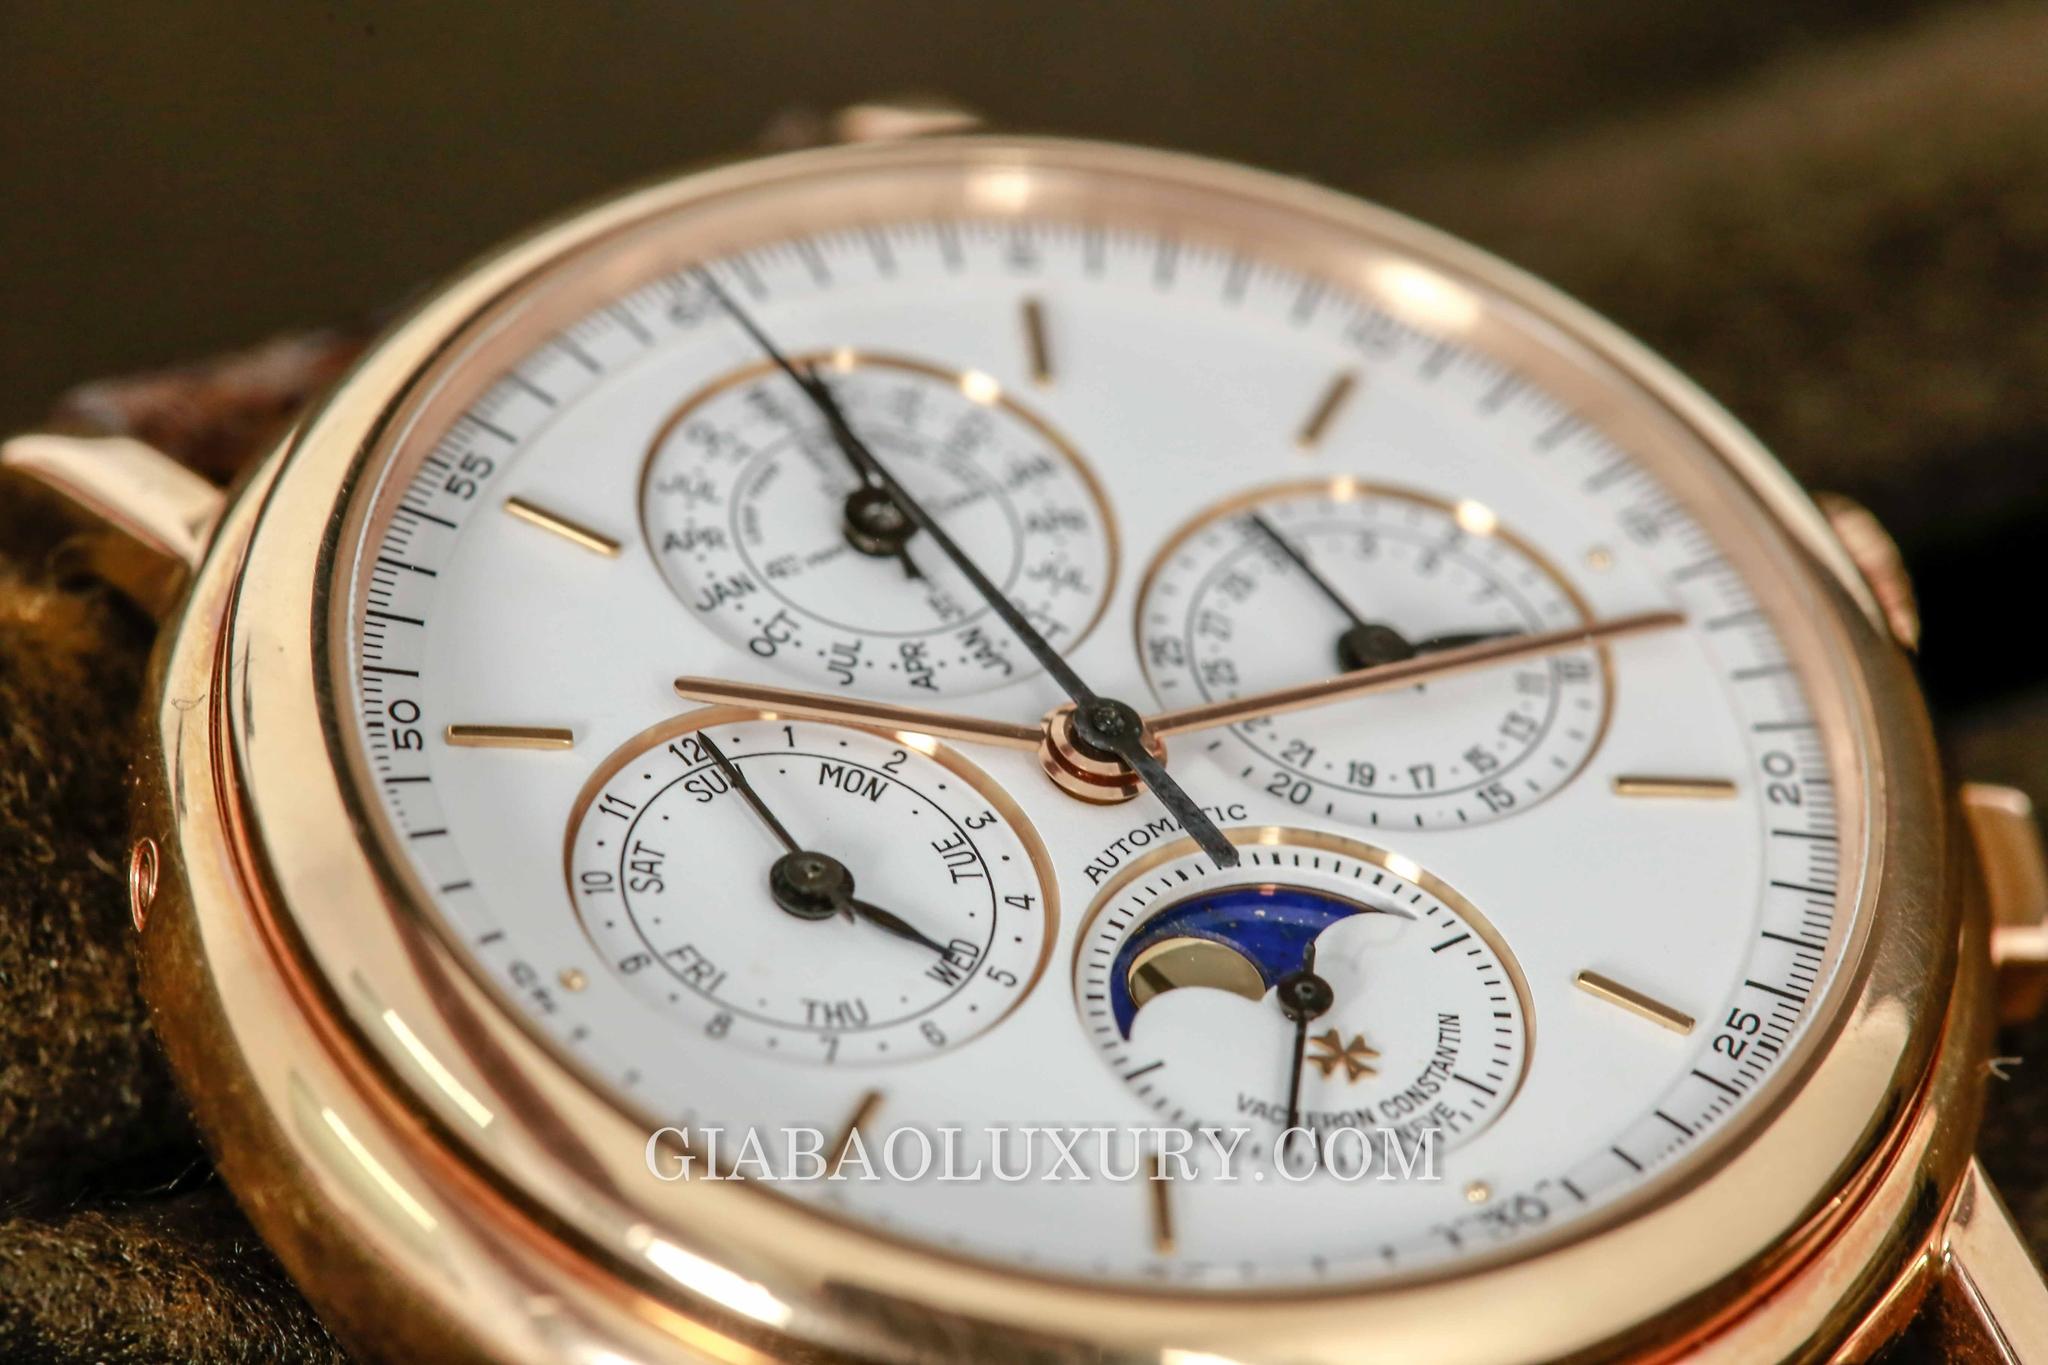 Vacheron Constantin Patrimony Perpetual Calendar Chronograph